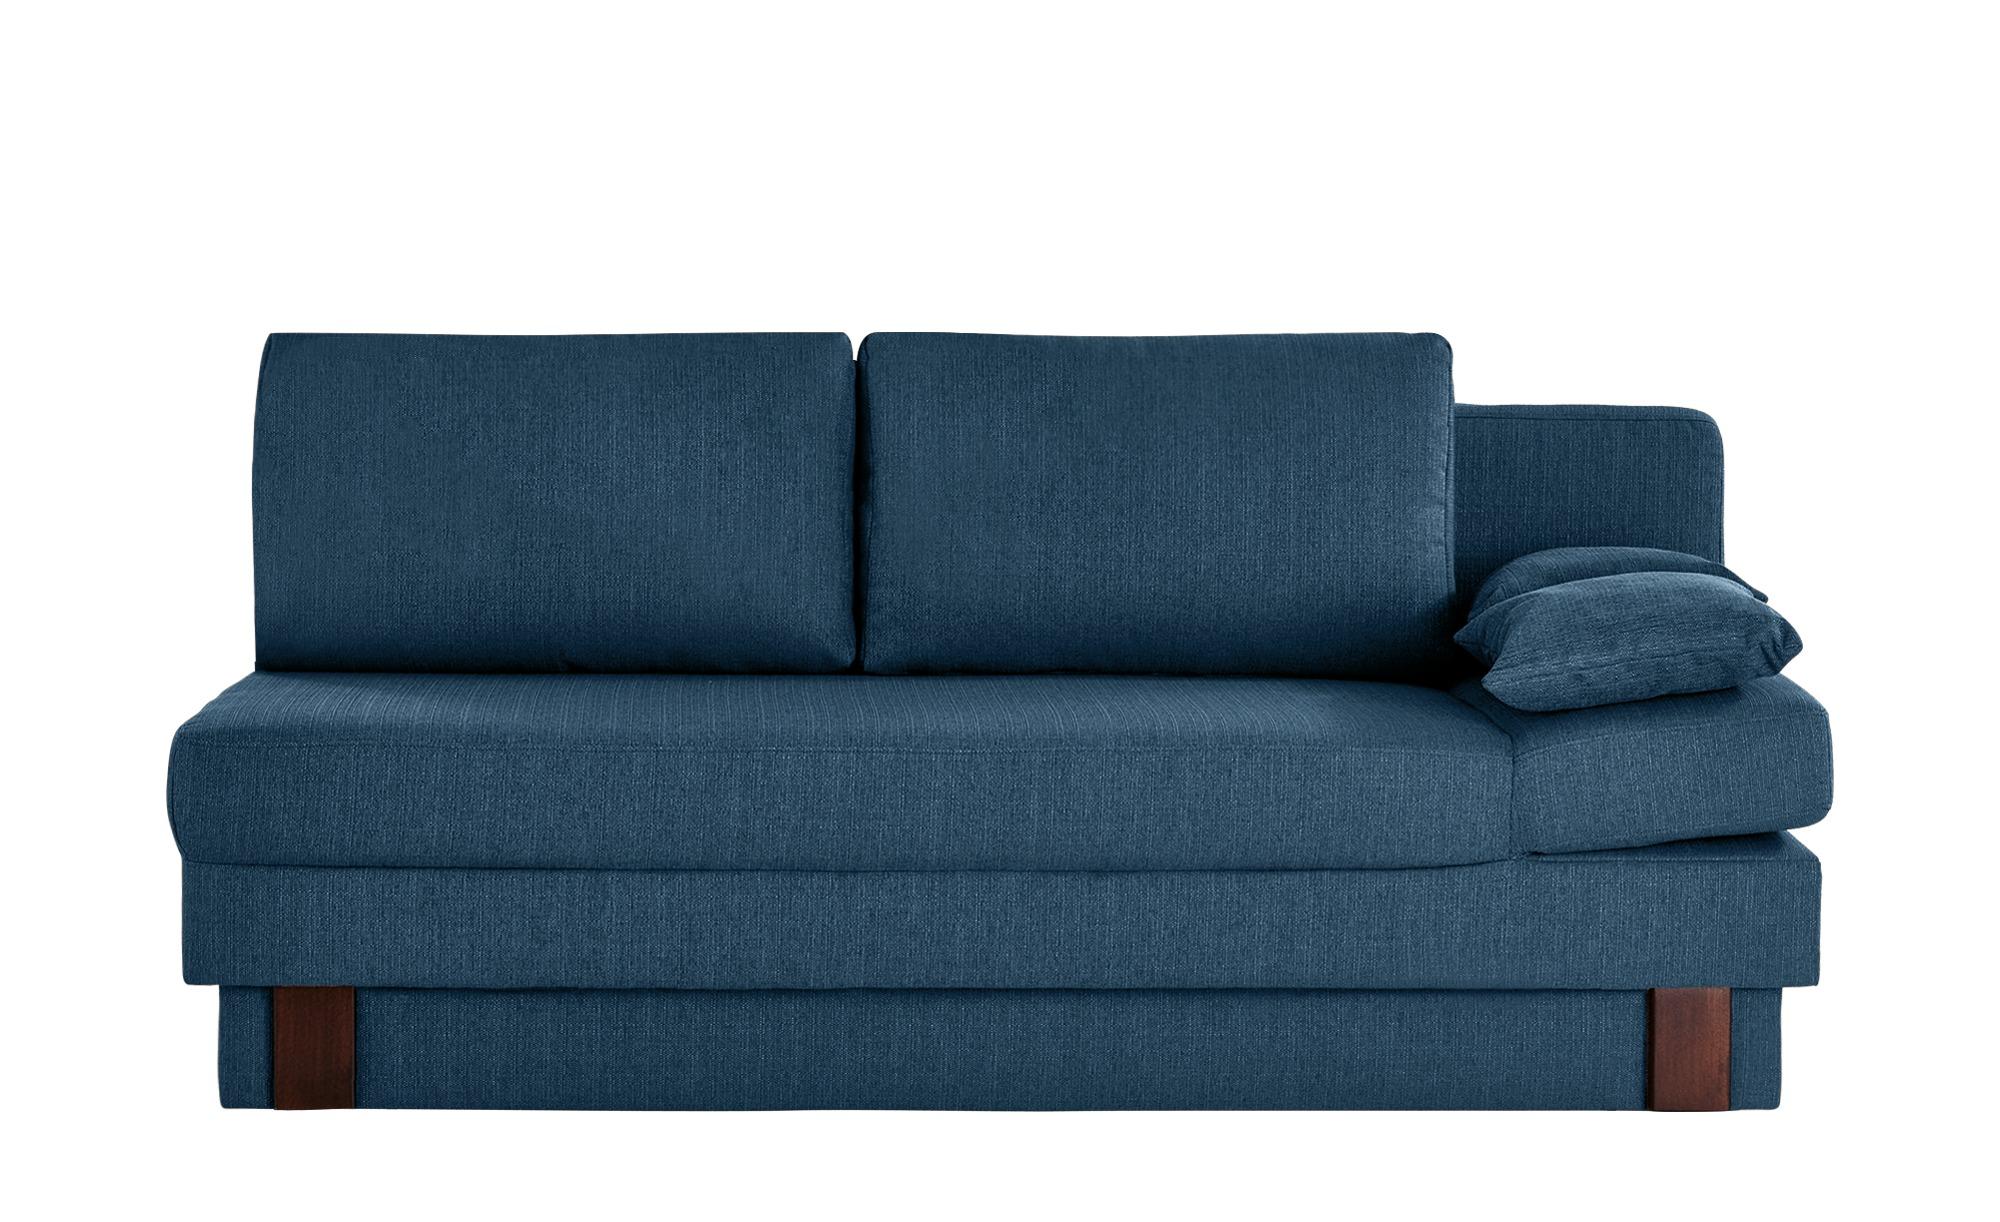 blue schlafsofas online kaufen m bel suchmaschine. Black Bedroom Furniture Sets. Home Design Ideas